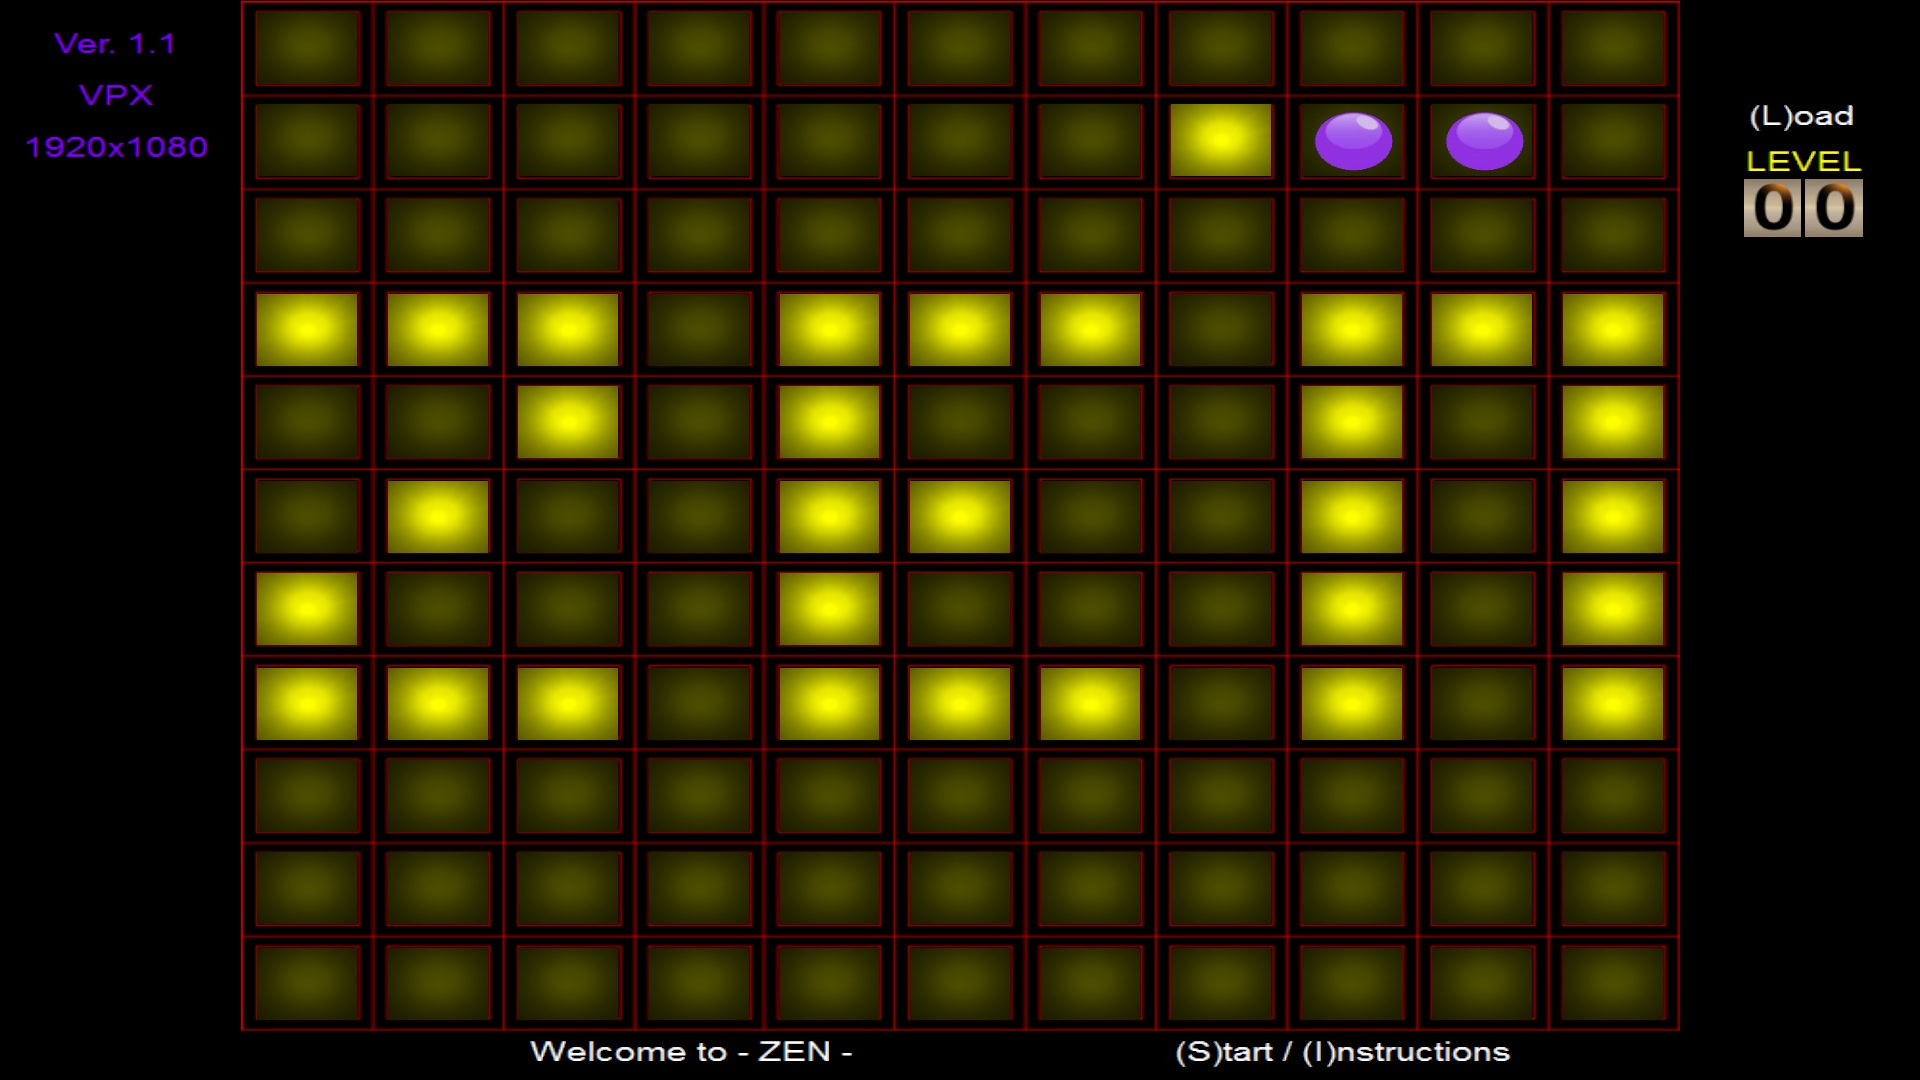 ZenVPXScreenie.jpg